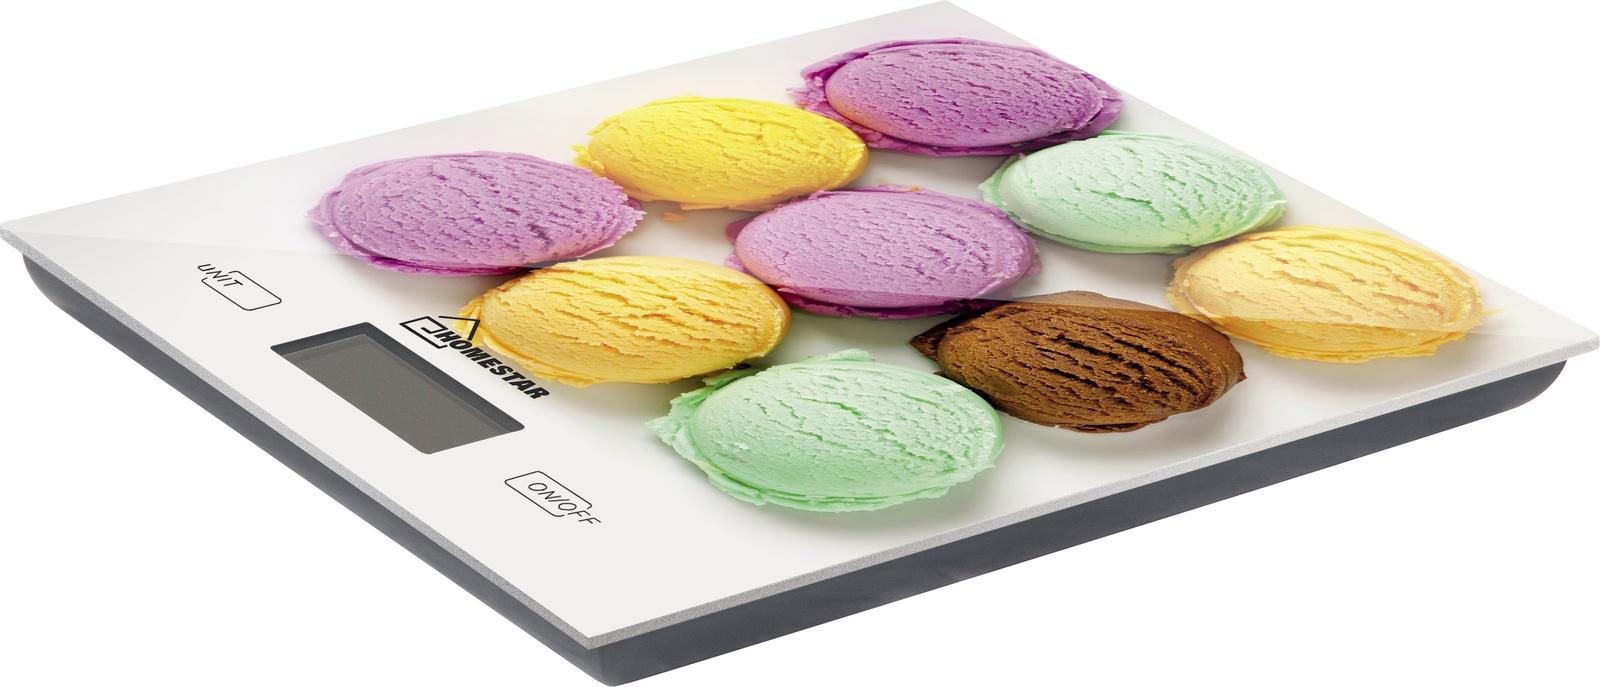 Кухонные весы HOMESTAR HS-3006 мороженое, 54 004537, белый